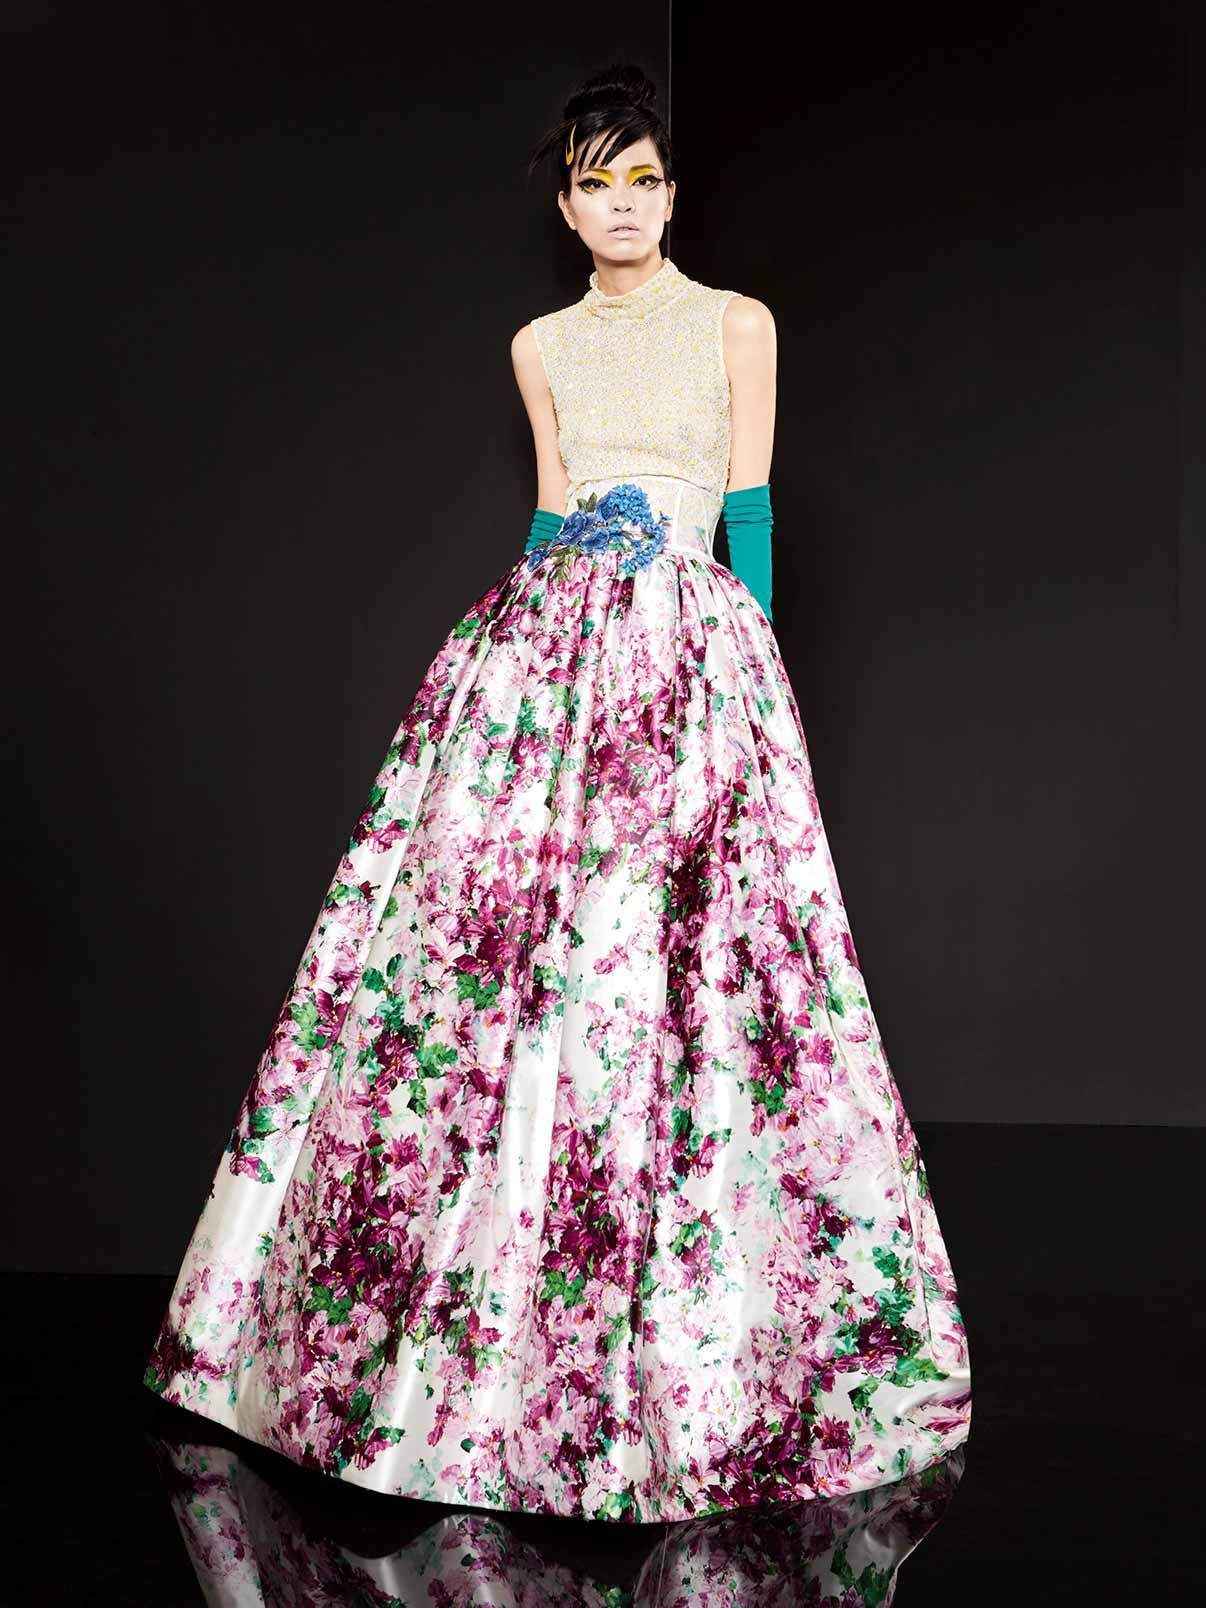 Ткани кружевные для вечерних платьев фото